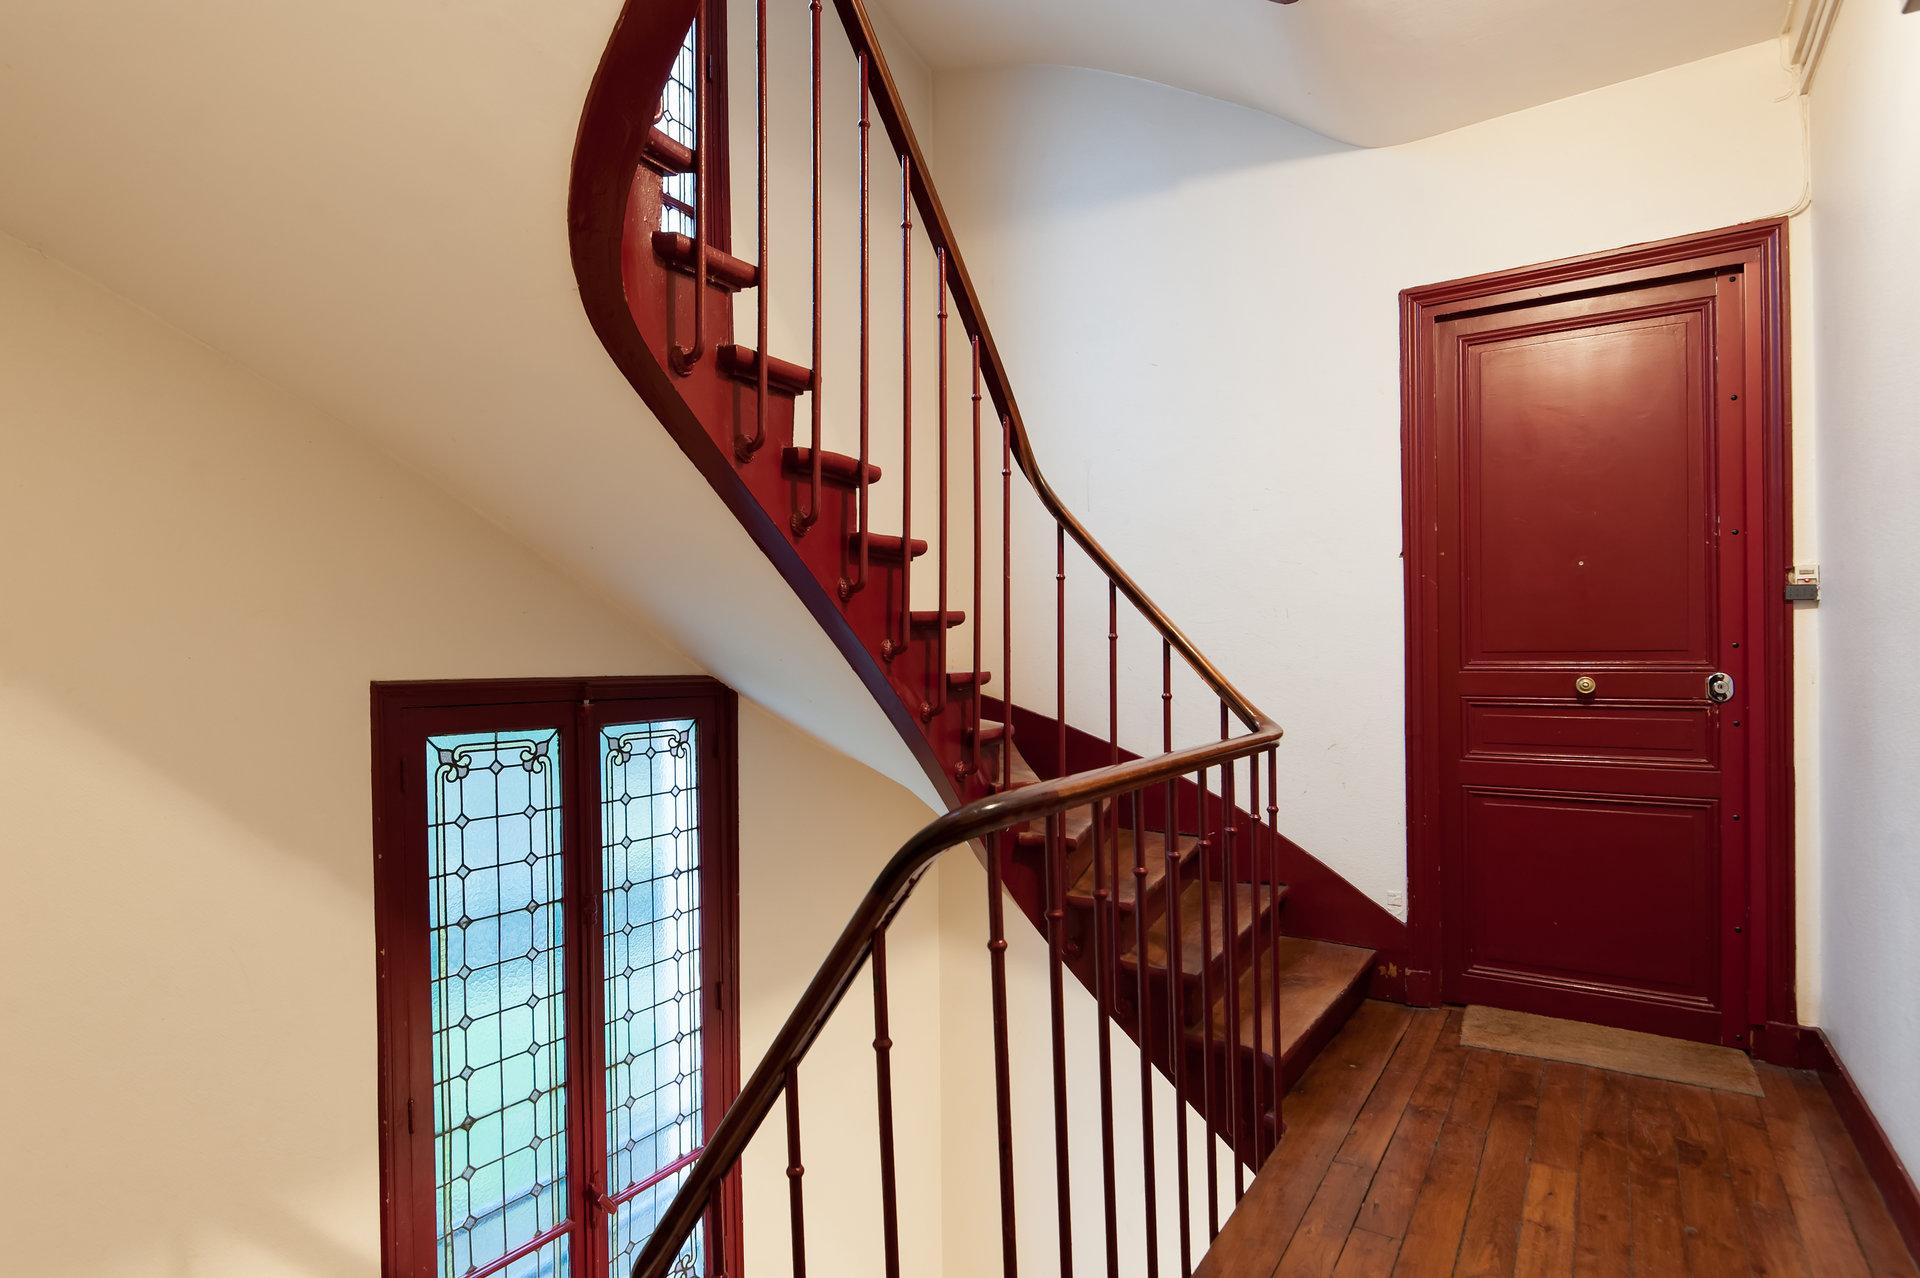 ravissant-appartement-charme-intemporel-a-vendre-parquet-moulures-cheminee-cave